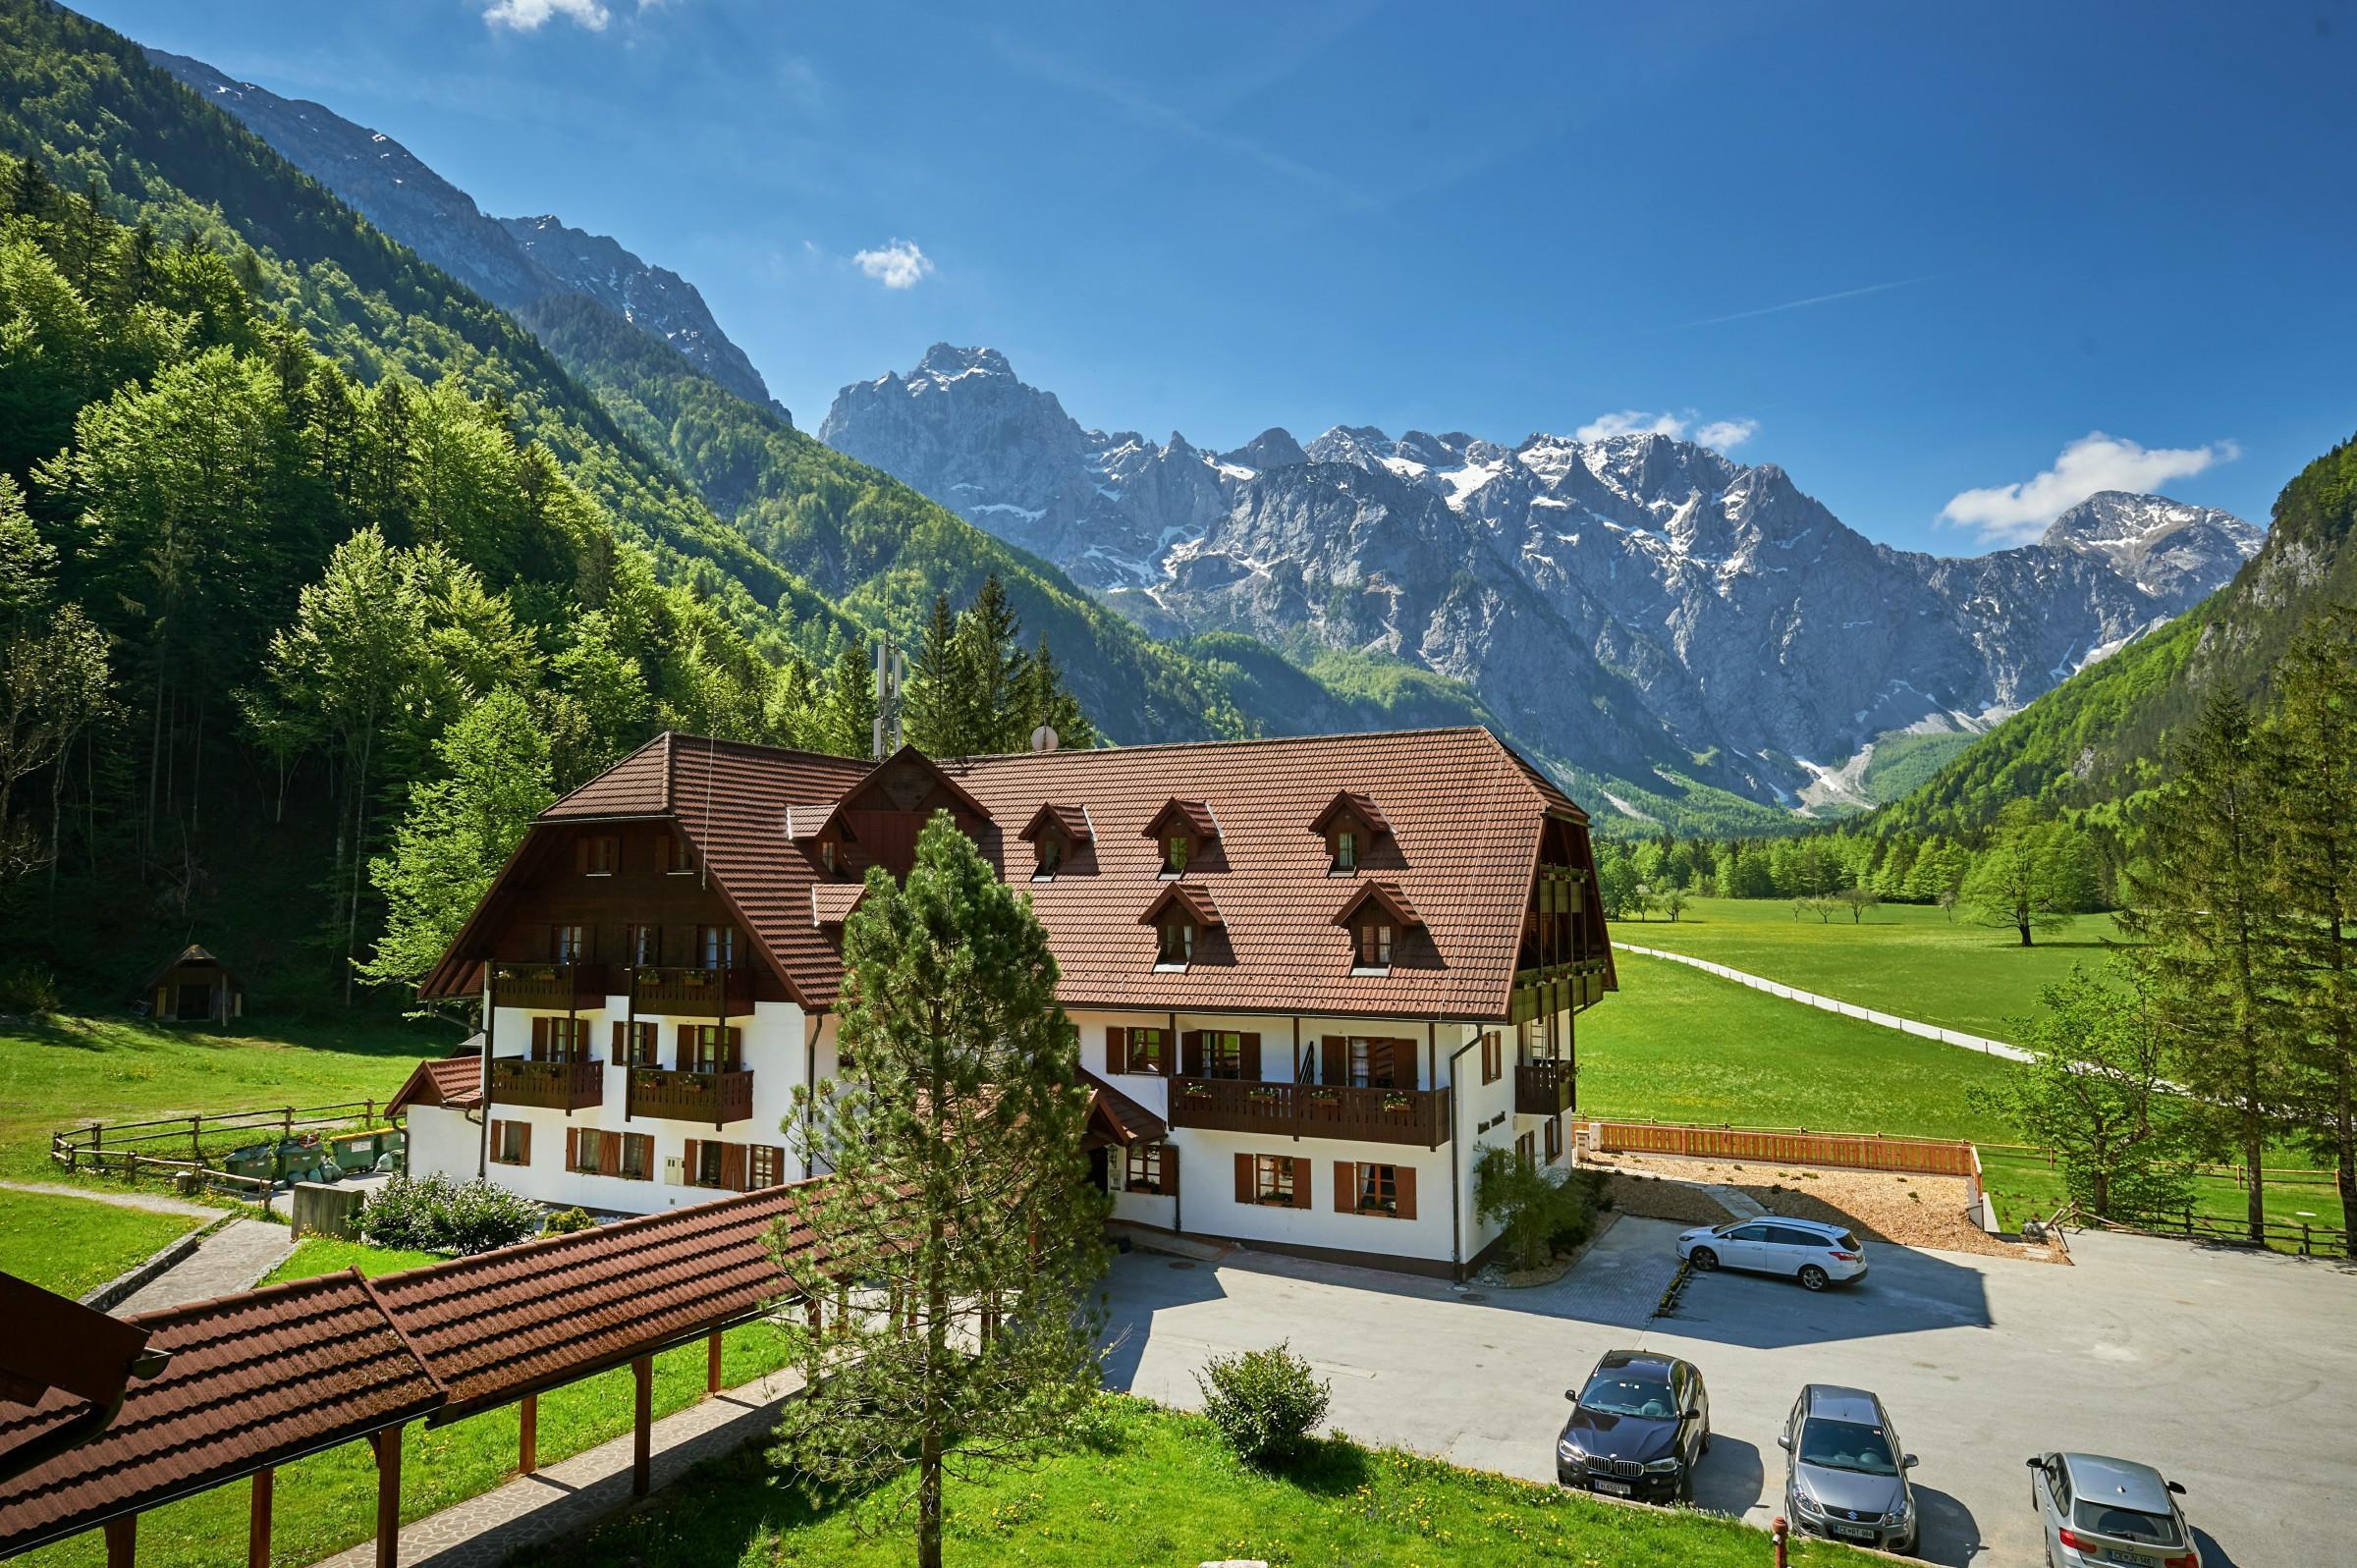 Hotel_plesnik (4)